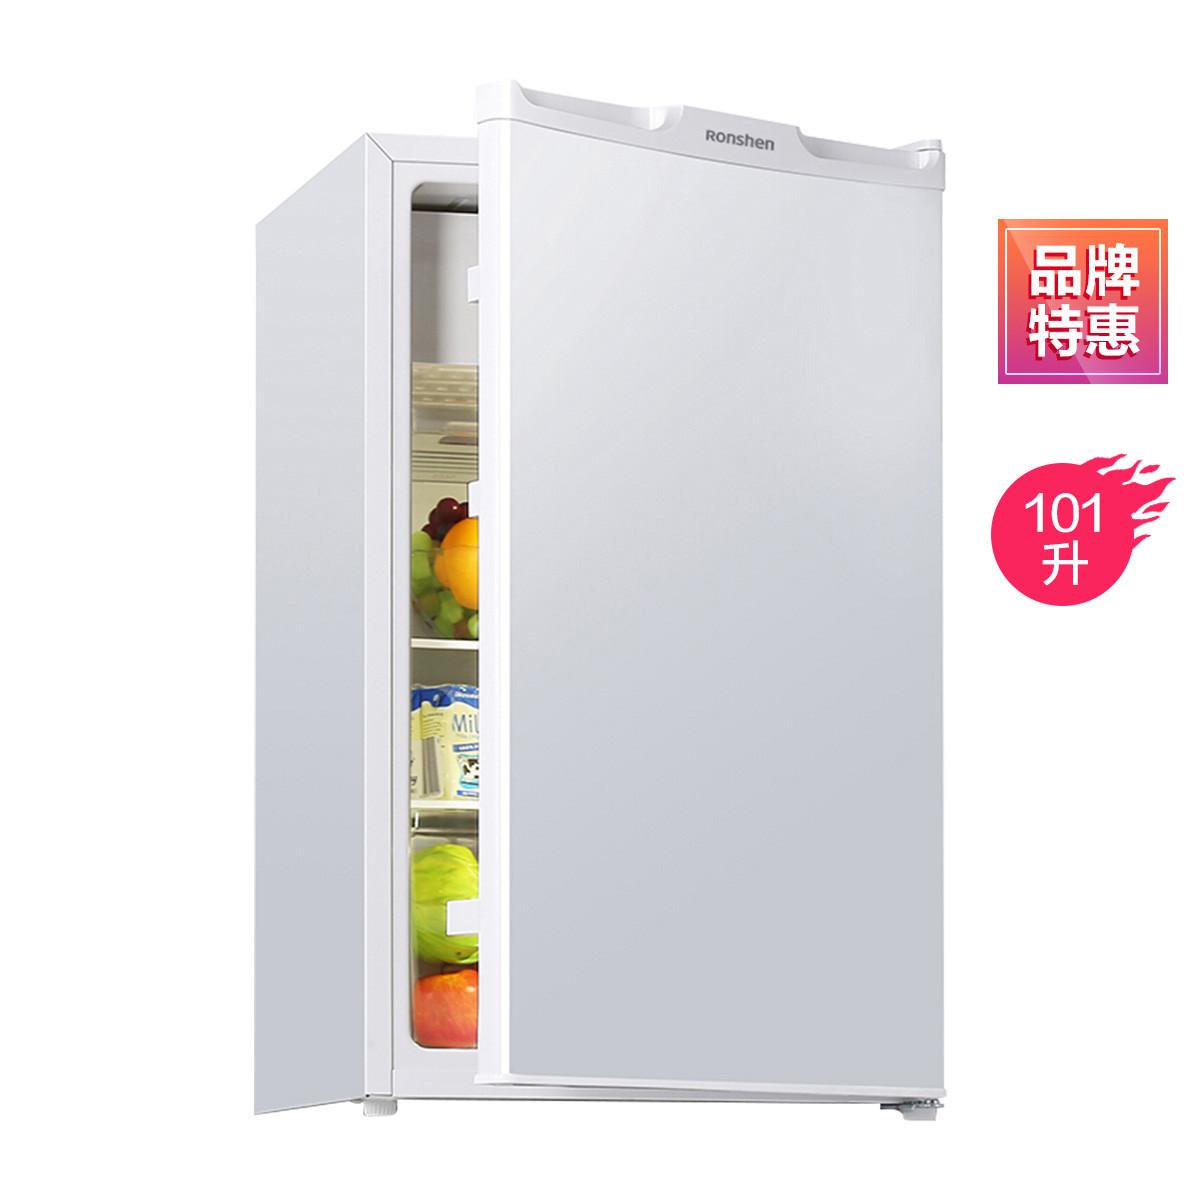 容声 【三天不到一度电】101升一级能效单门迷你宿舍家用冰箱BC-101KT1